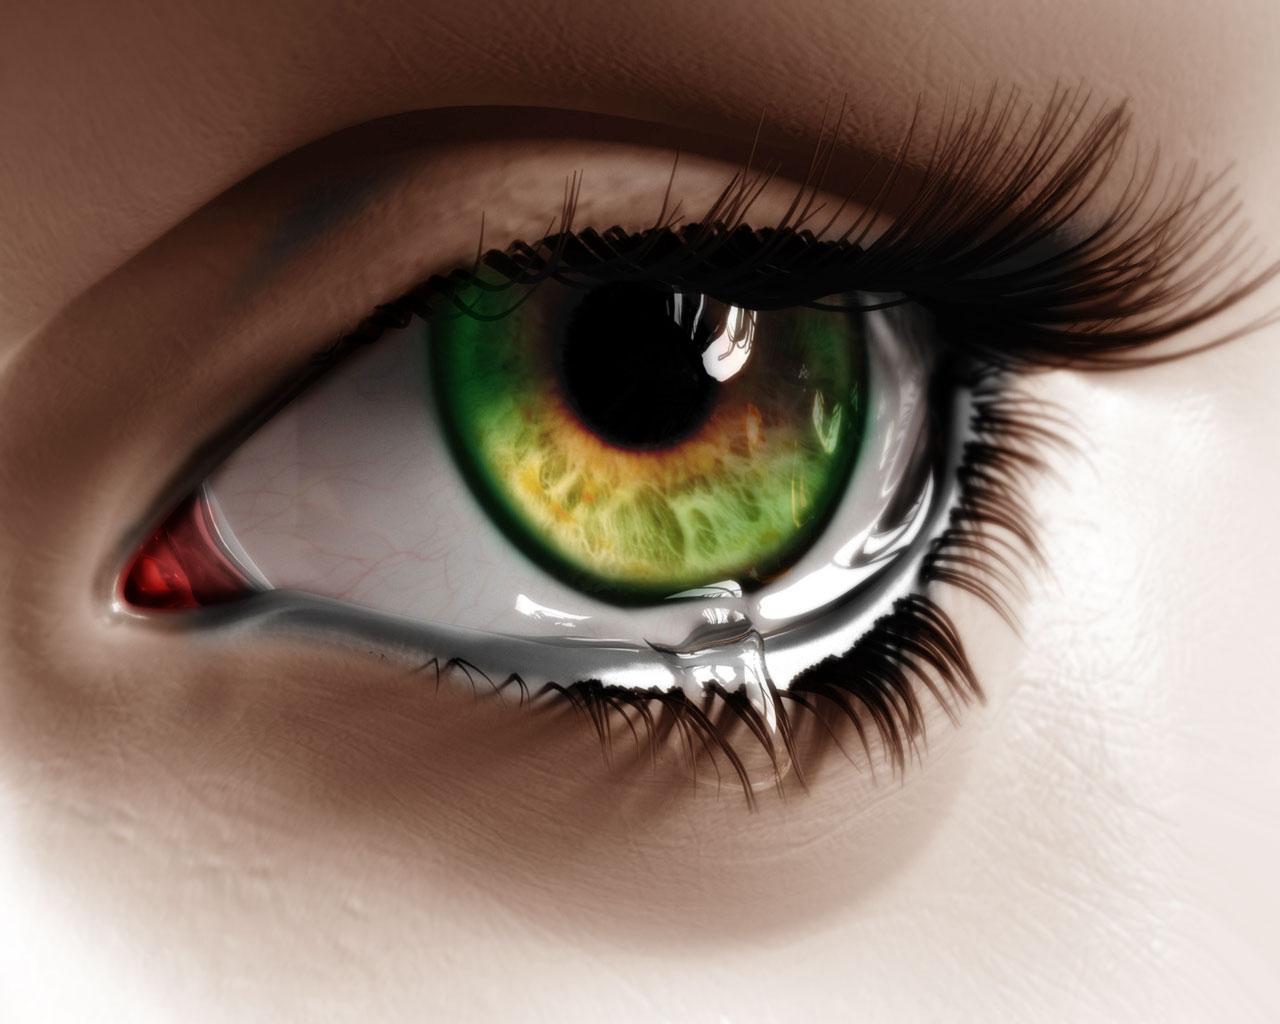 http://1.bp.blogspot.com/-ec3cMIJcDPo/Tjz_X7m6A-I/AAAAAAAAAJw/Aw2Sg7hbaXs/s1600/Grief-%255BDesktopNexus%255B1%255D%255B1%255D.com%255D.jpg